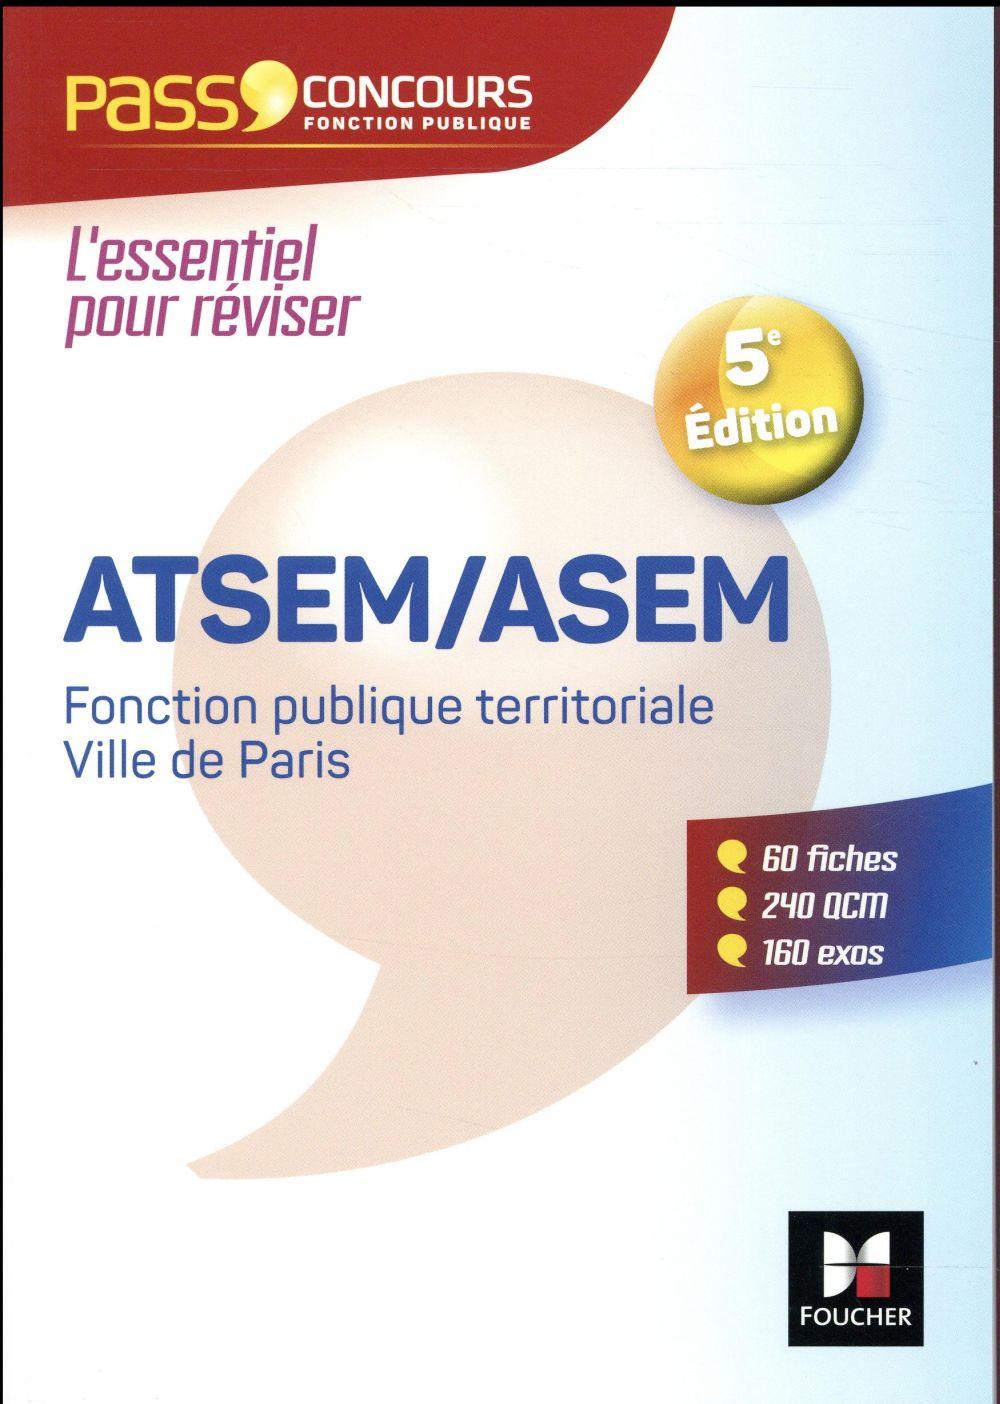 PASS'CONCOURS ATSEMASEM 5E EDITION   2017 N 41